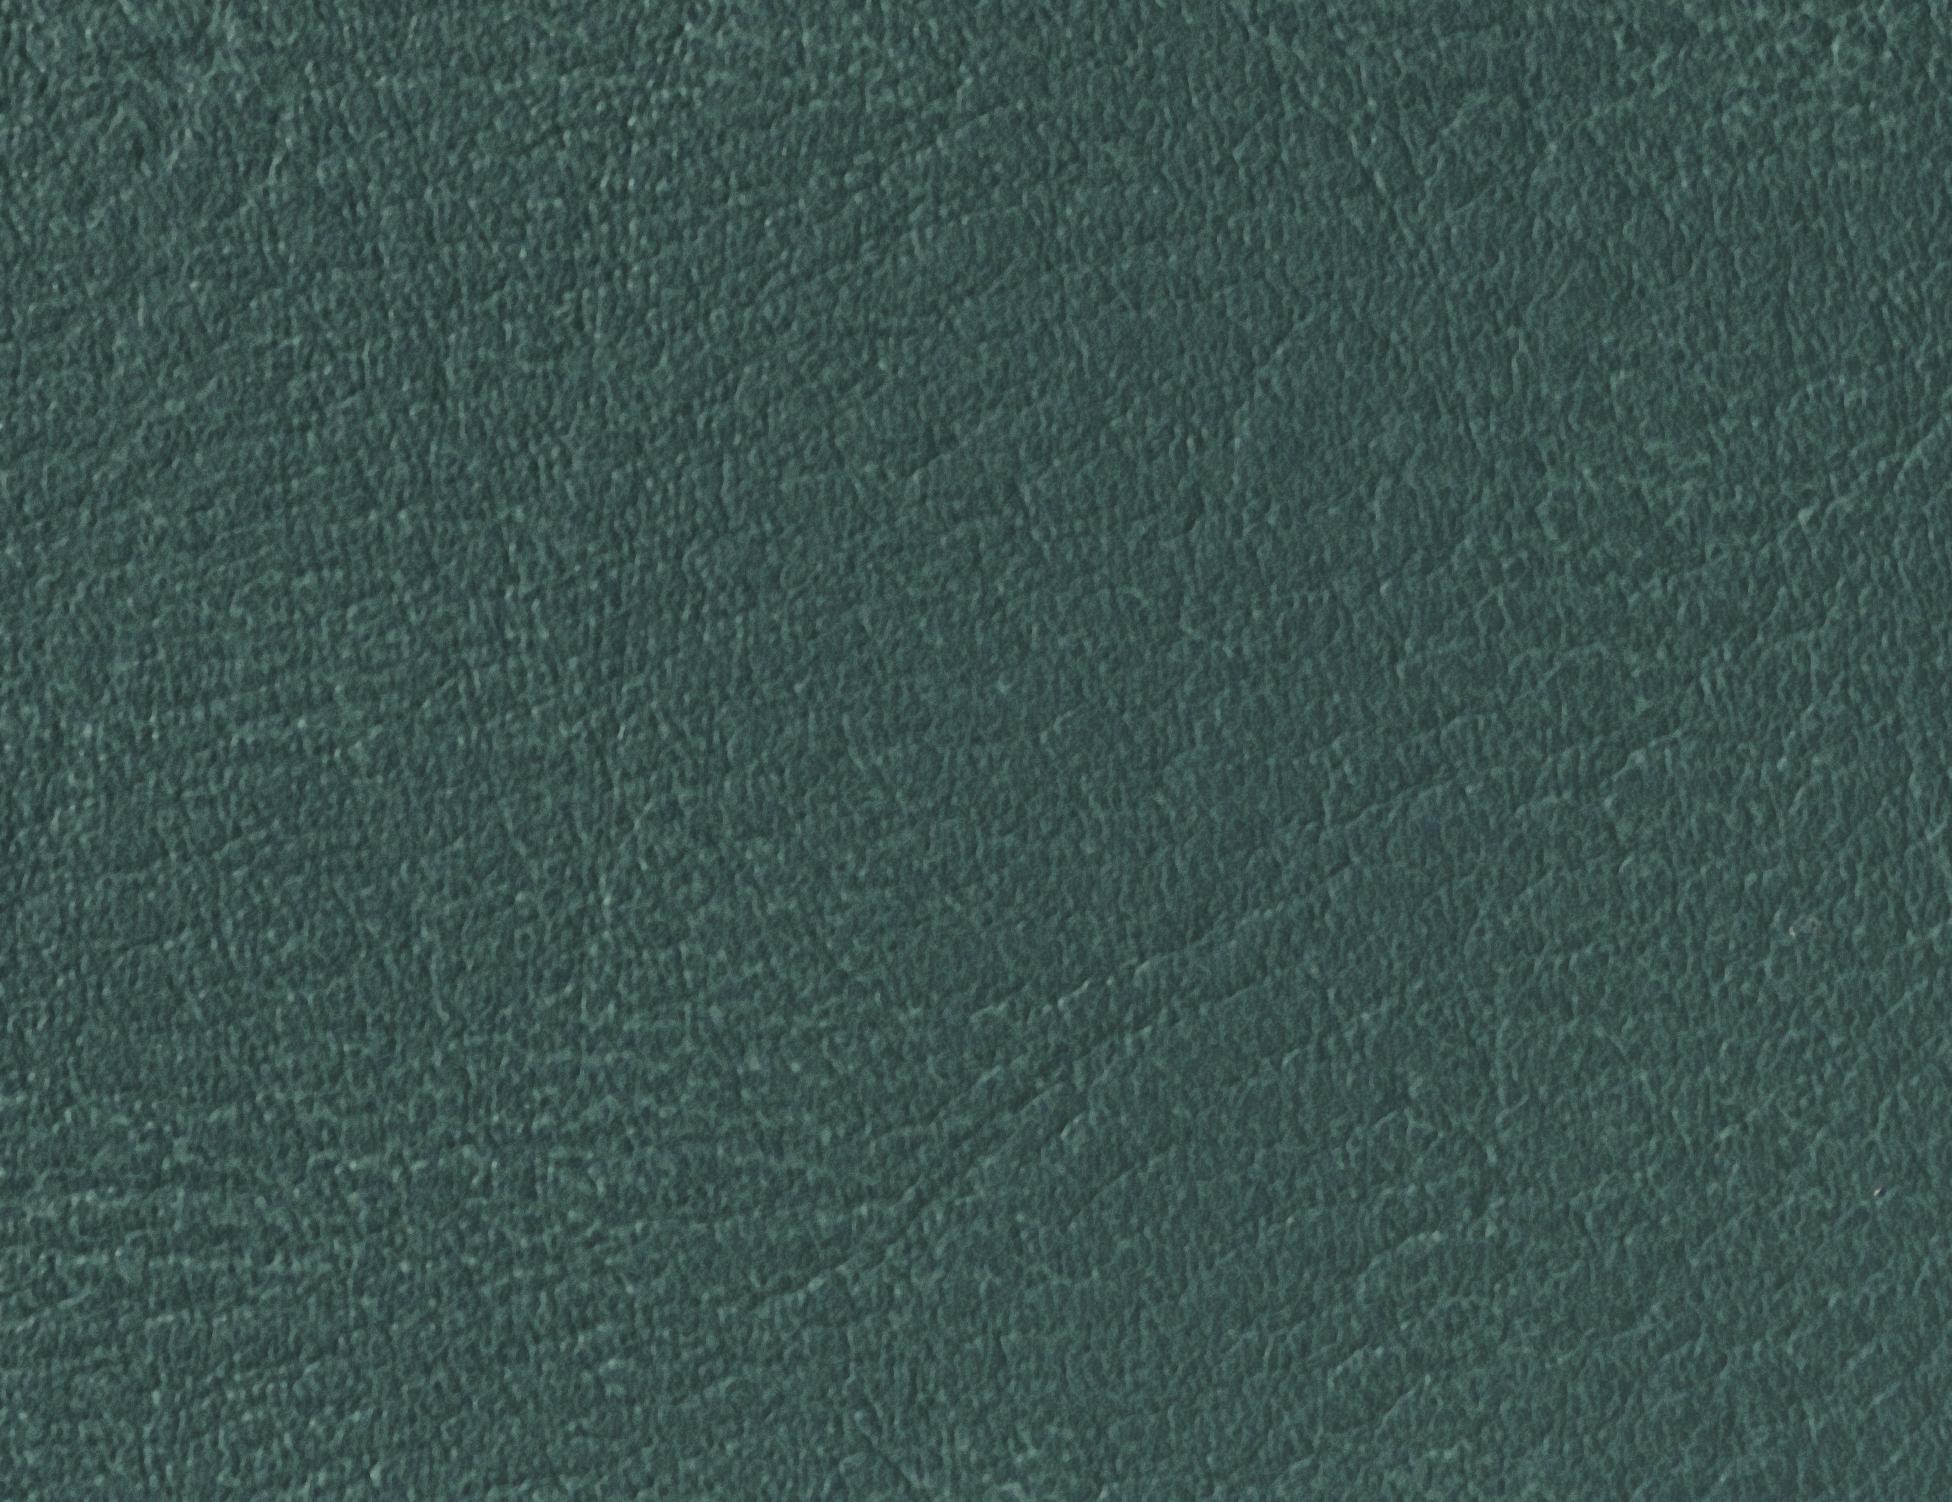 Teal Naugahyde Vinyl Harris Stearns